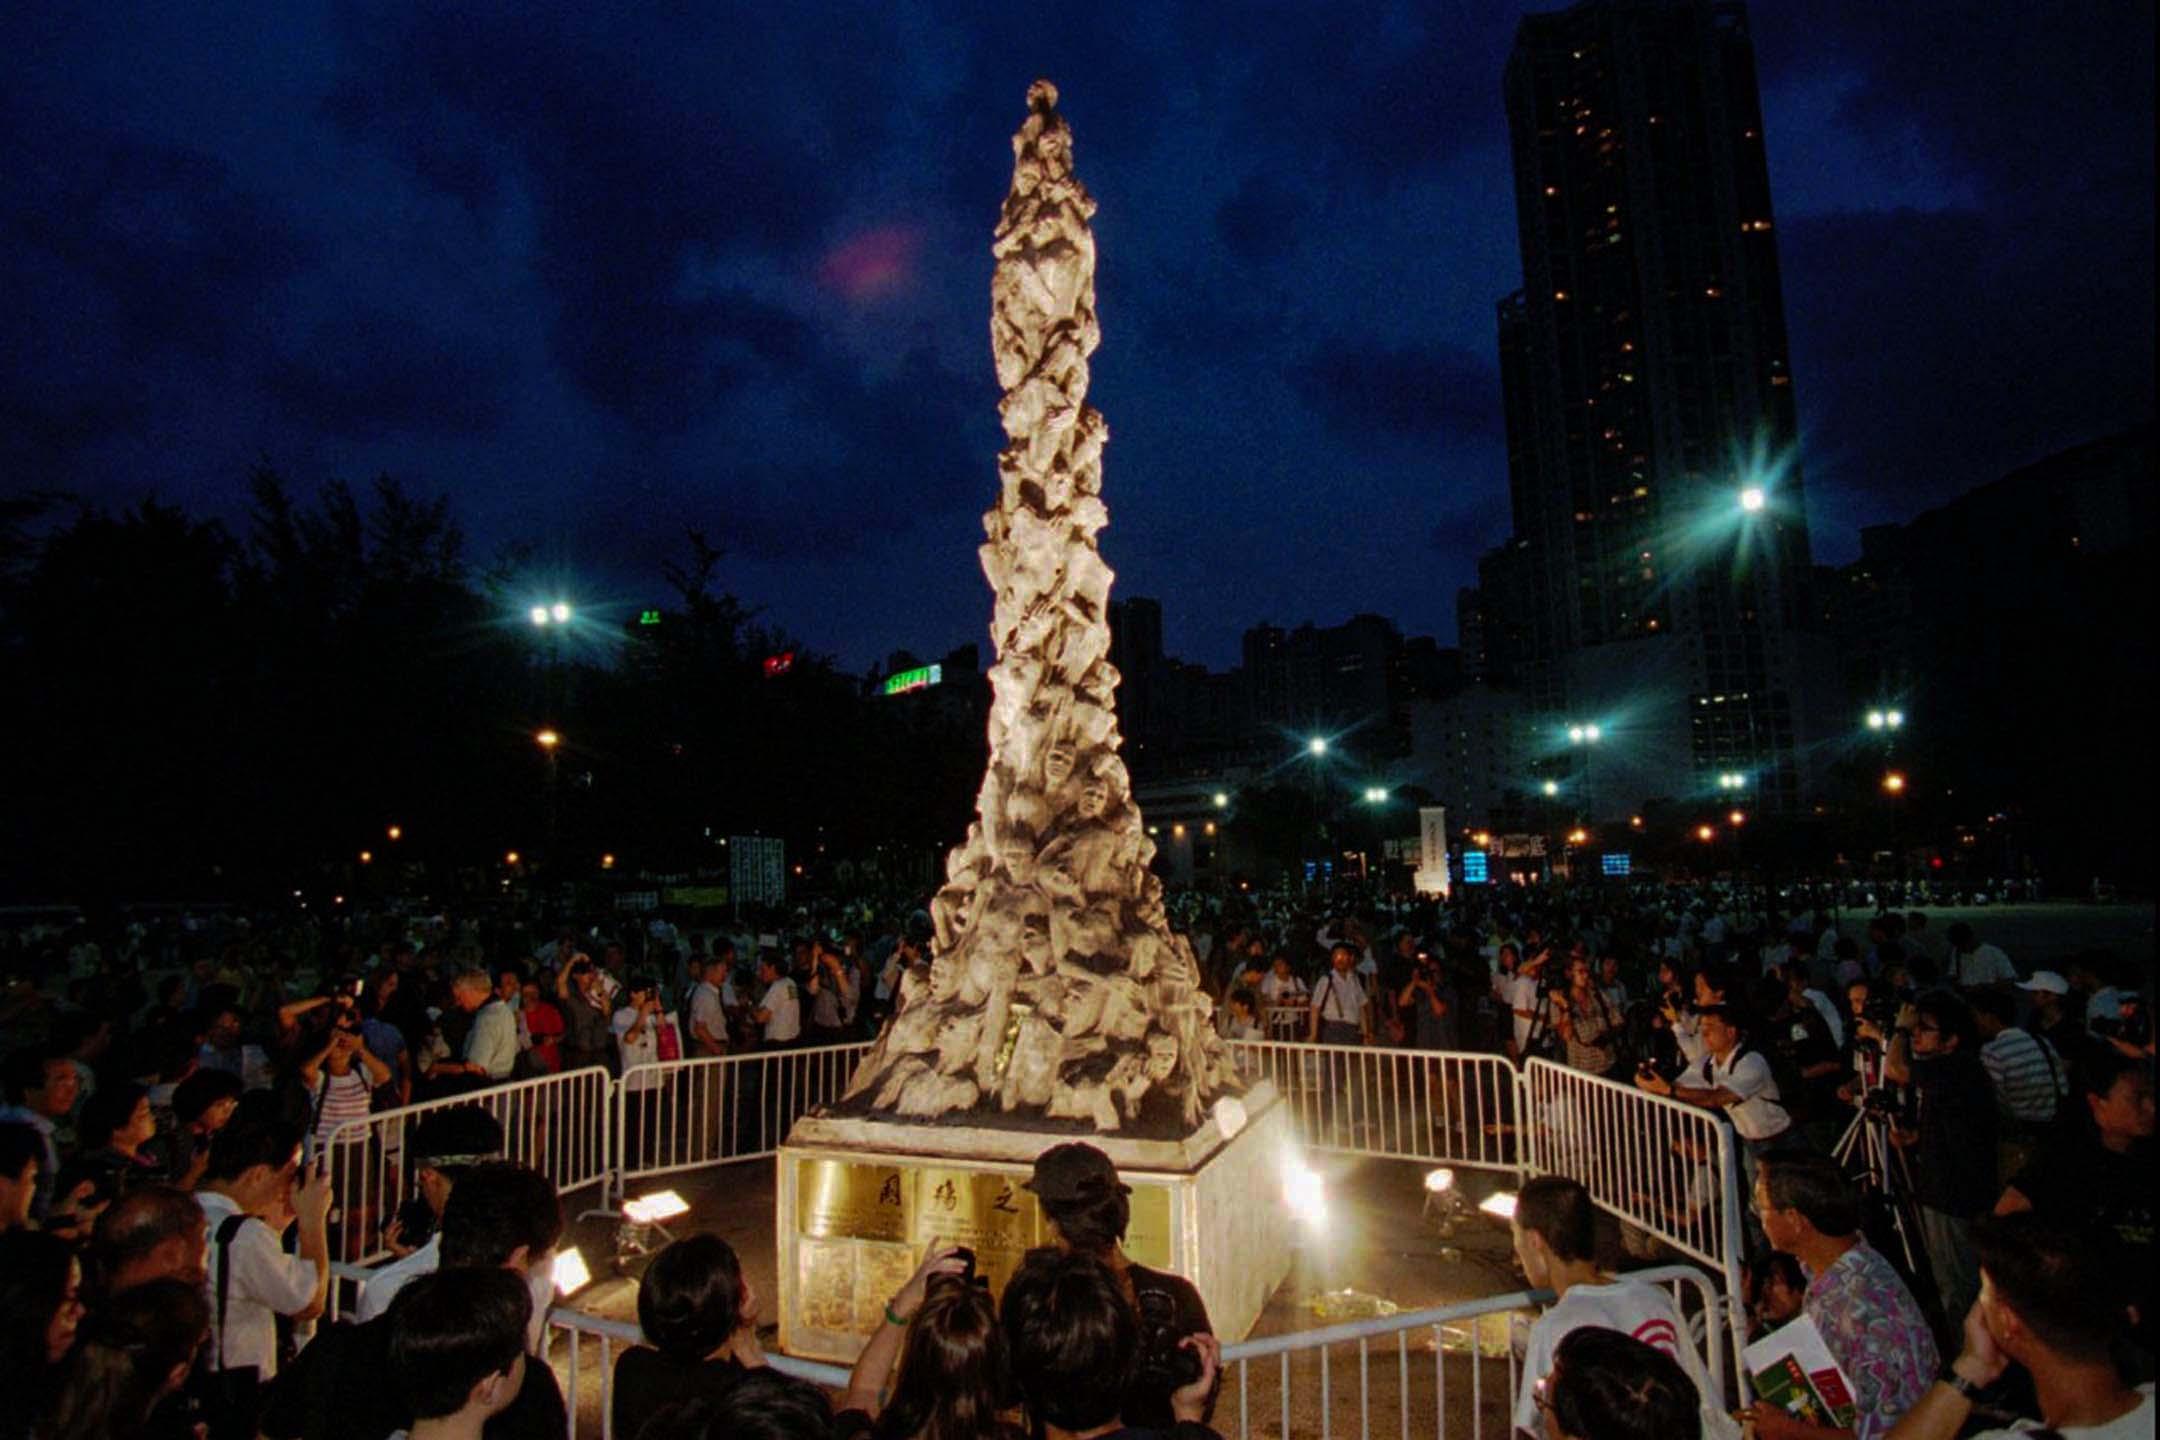 1997年6月4日,維園晚會上的「國殤之柱」。譴責六四屠殺的「國殤之柱」在1997年雕成,並在當年六四晚會完結後移送香港大學。其後每年六四洗刷「國殤之柱」成為港大學生會的傳統。